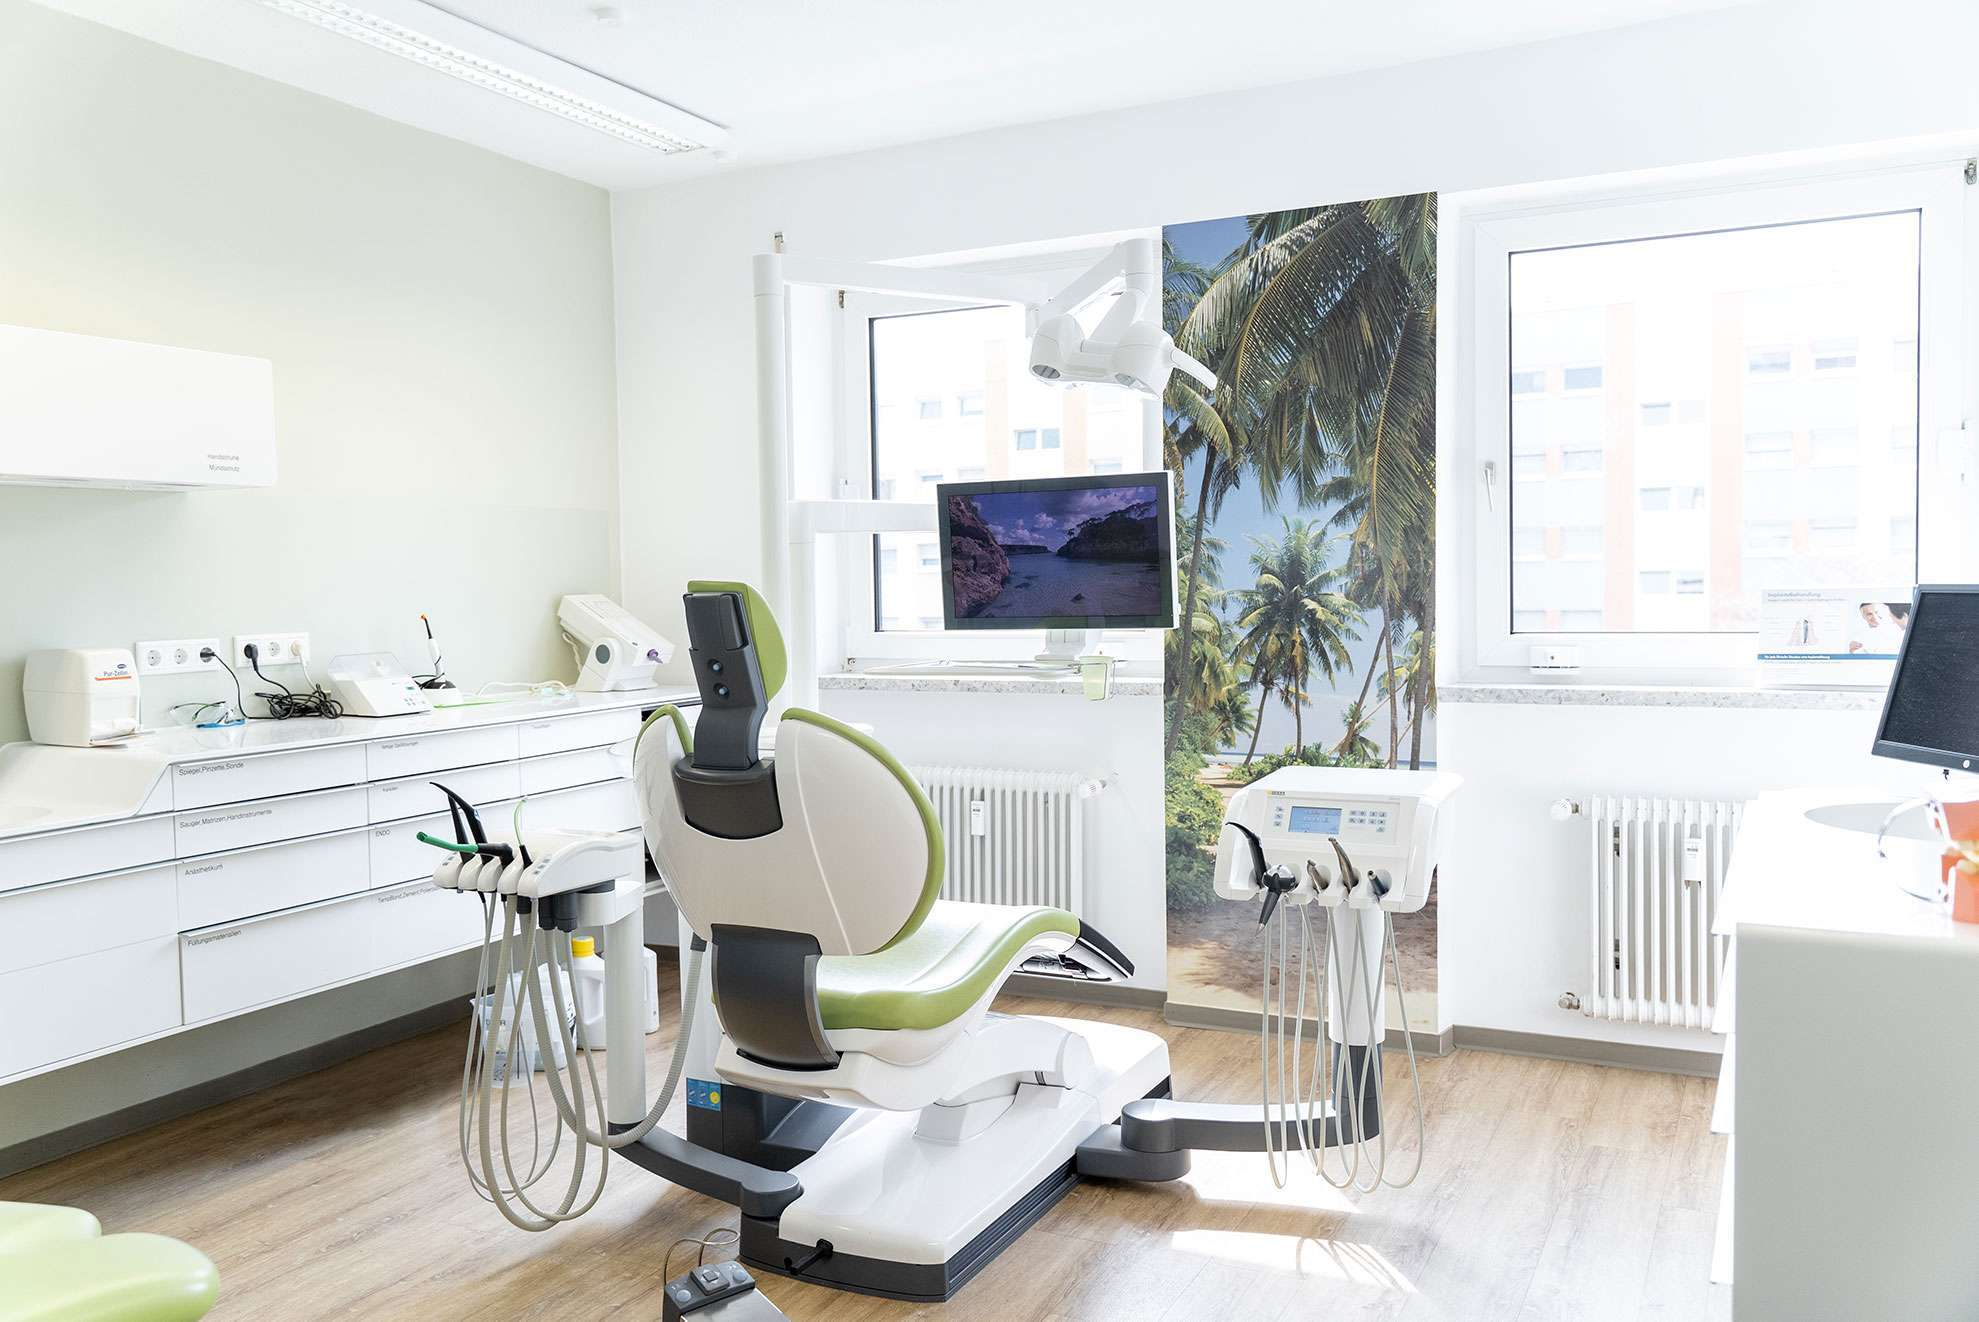 Zahnarzt Rüsselsheim Dr. Dieudonné Behandlungsraum